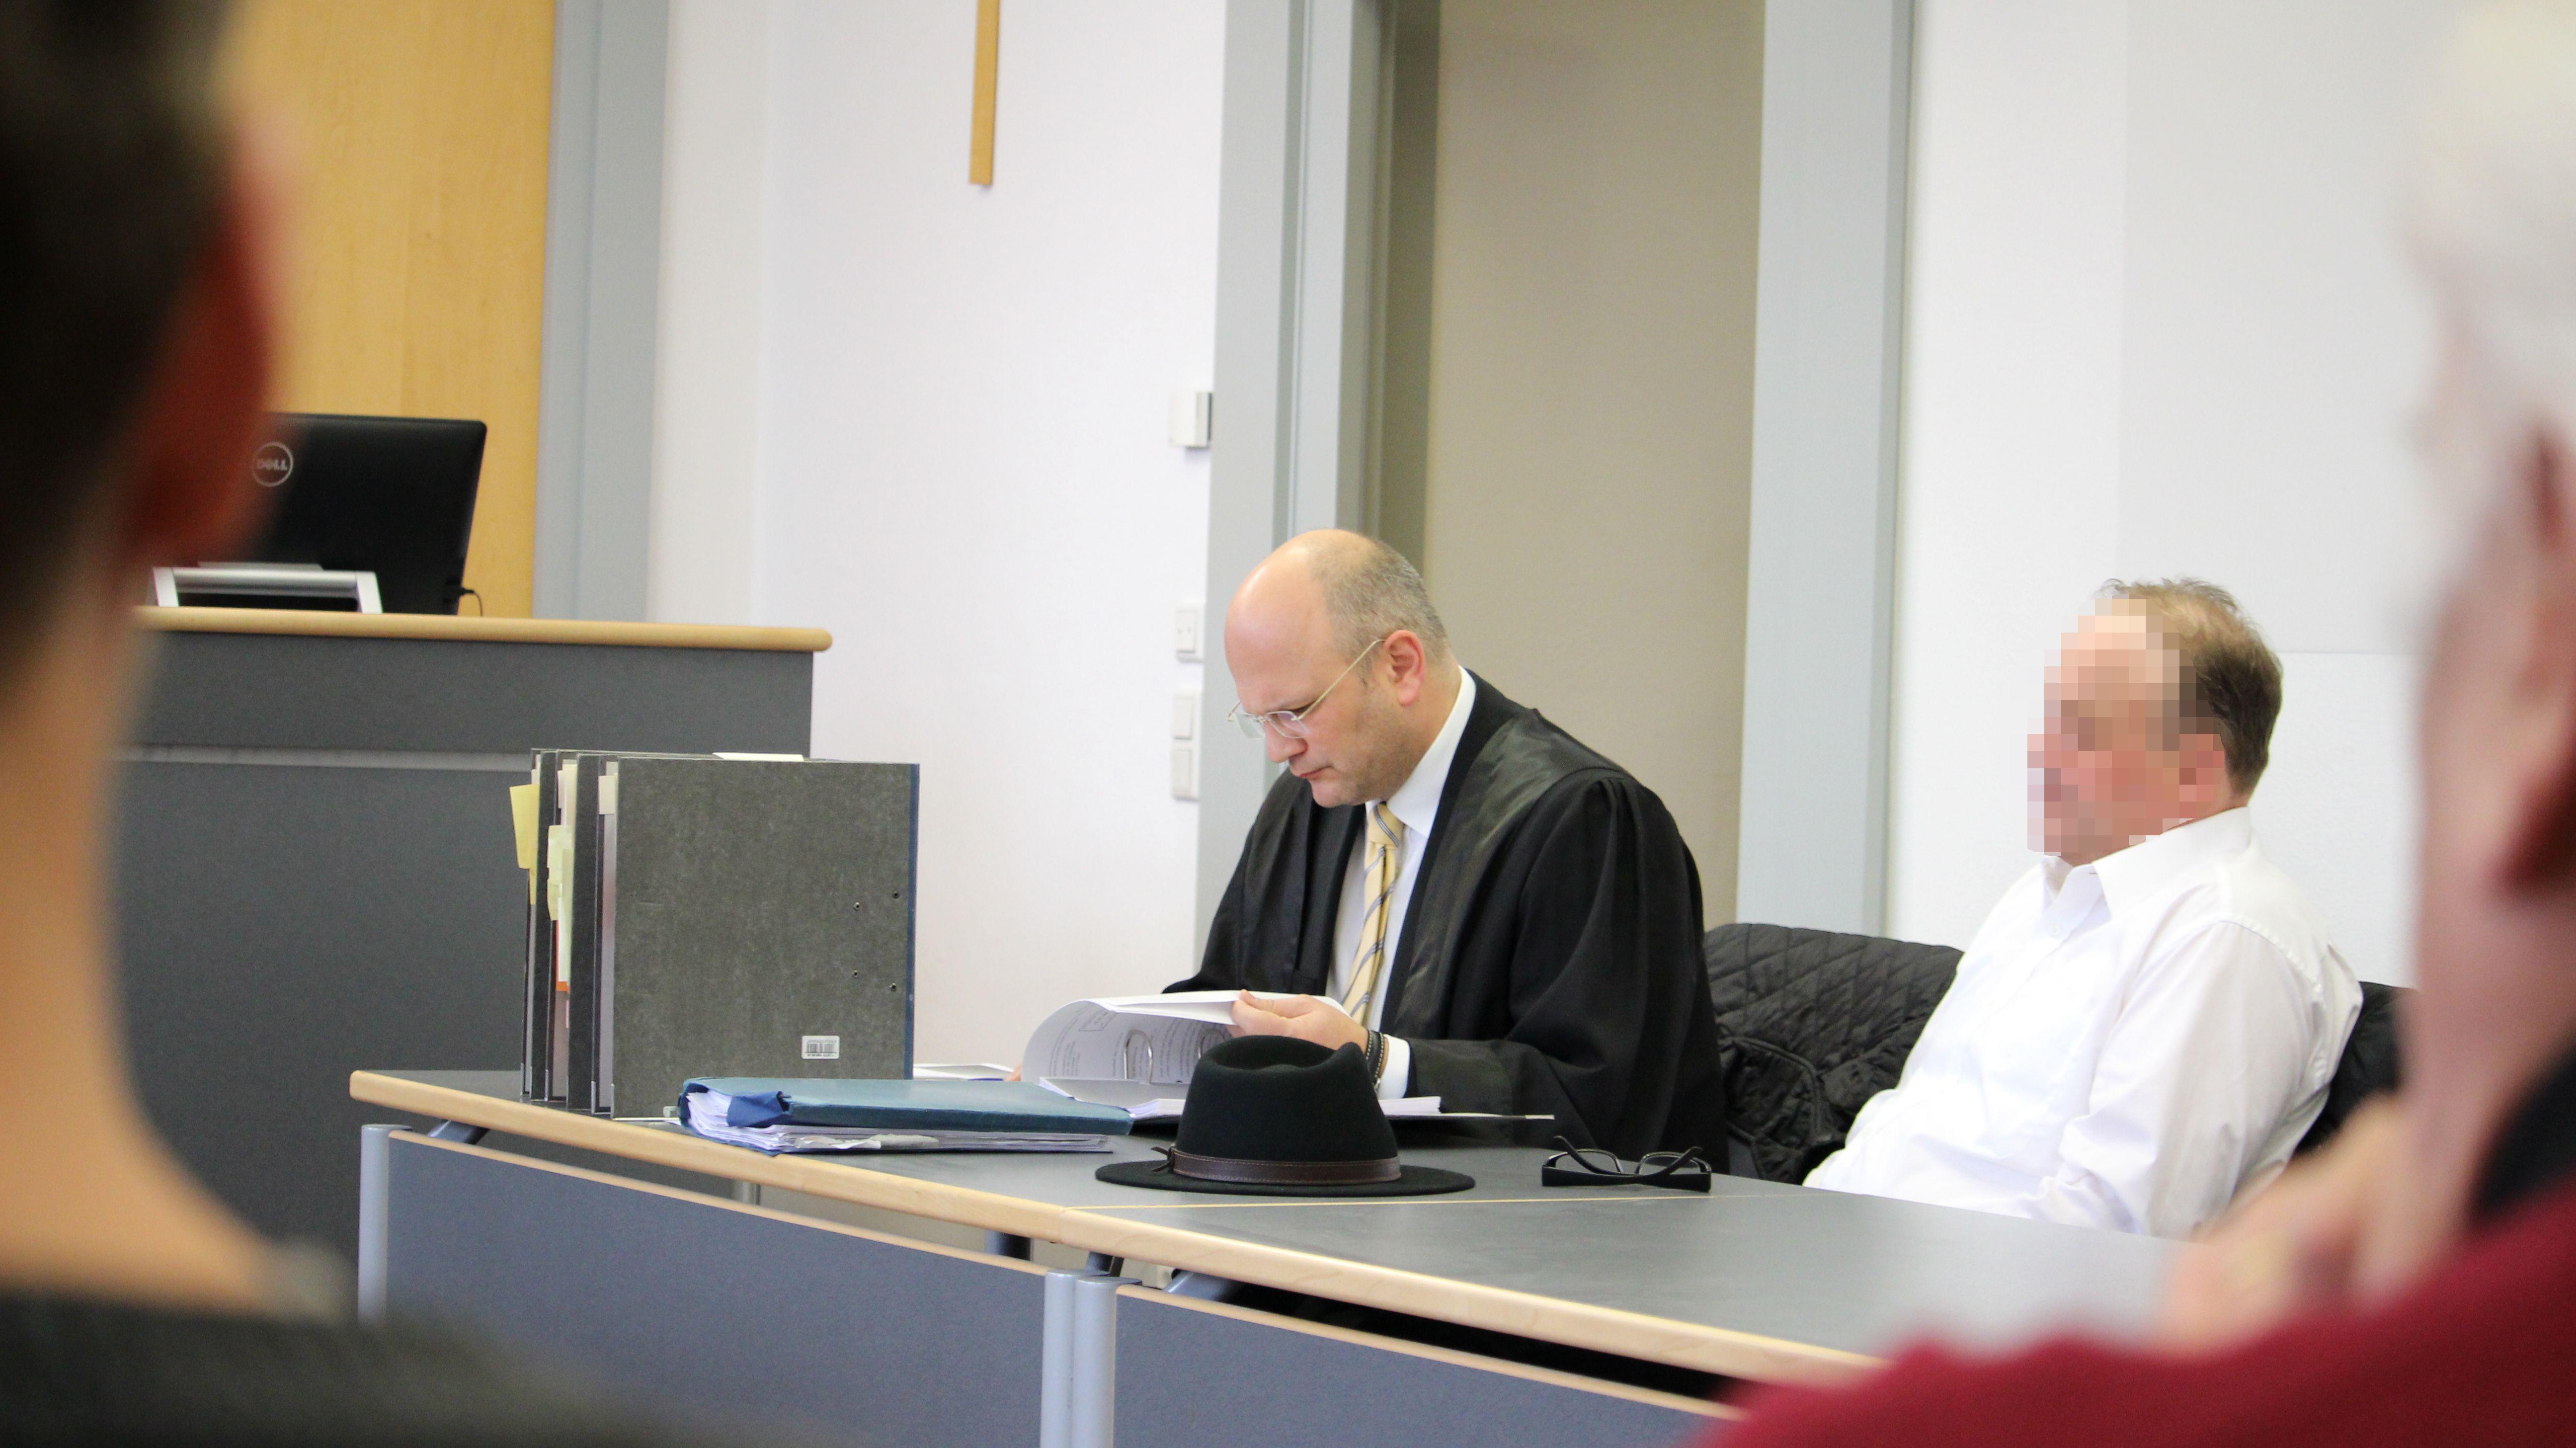 Verteidiger und Angeklagter sitzen an ihrem Tisch im Verhandlungsraum